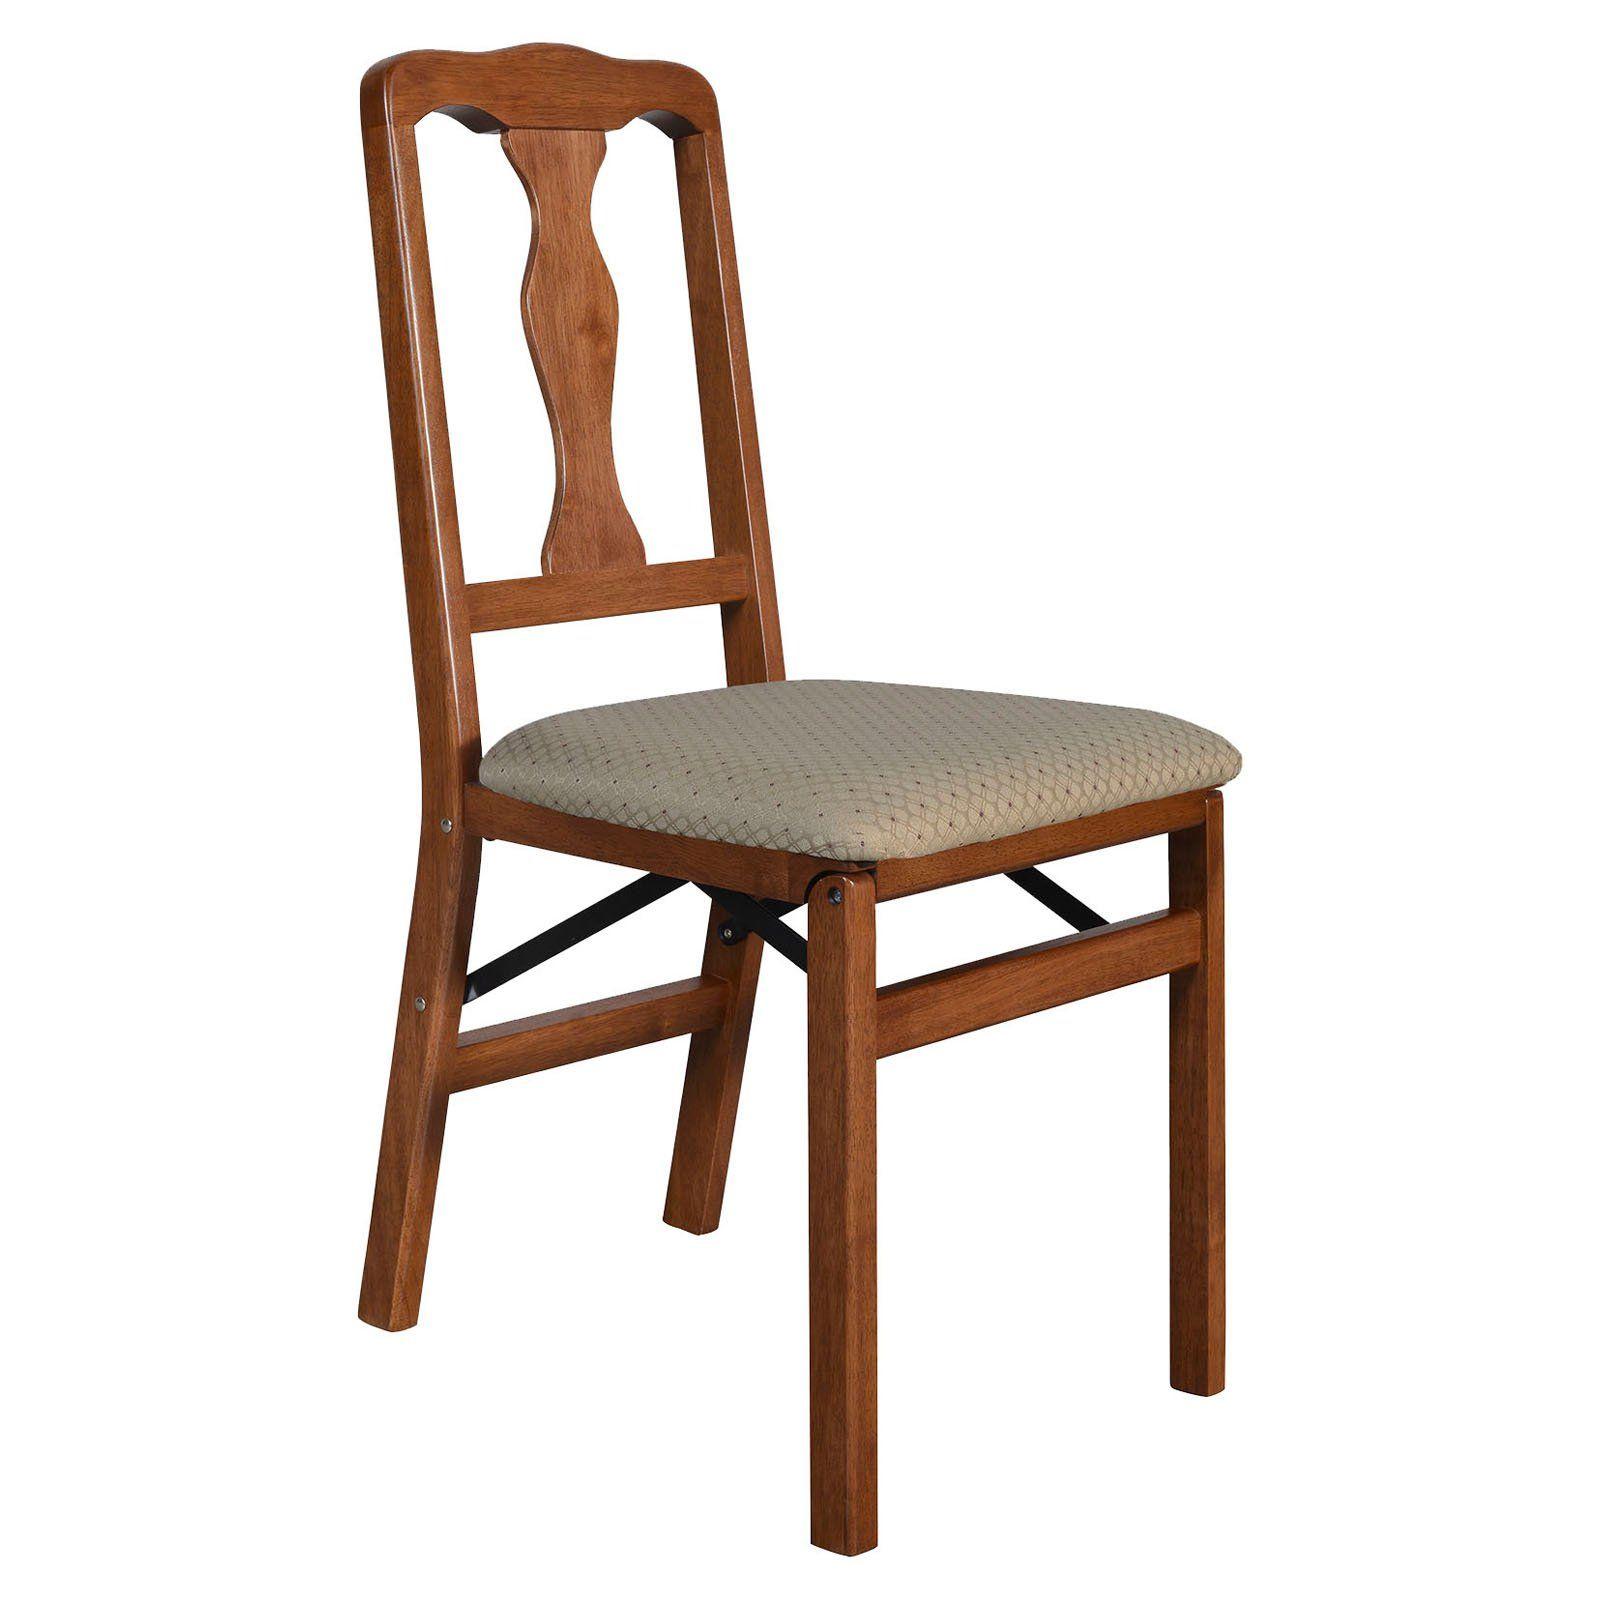 Schwenk Stuhle Holz Stuhle Weiss Klapptisch Und Stuhle